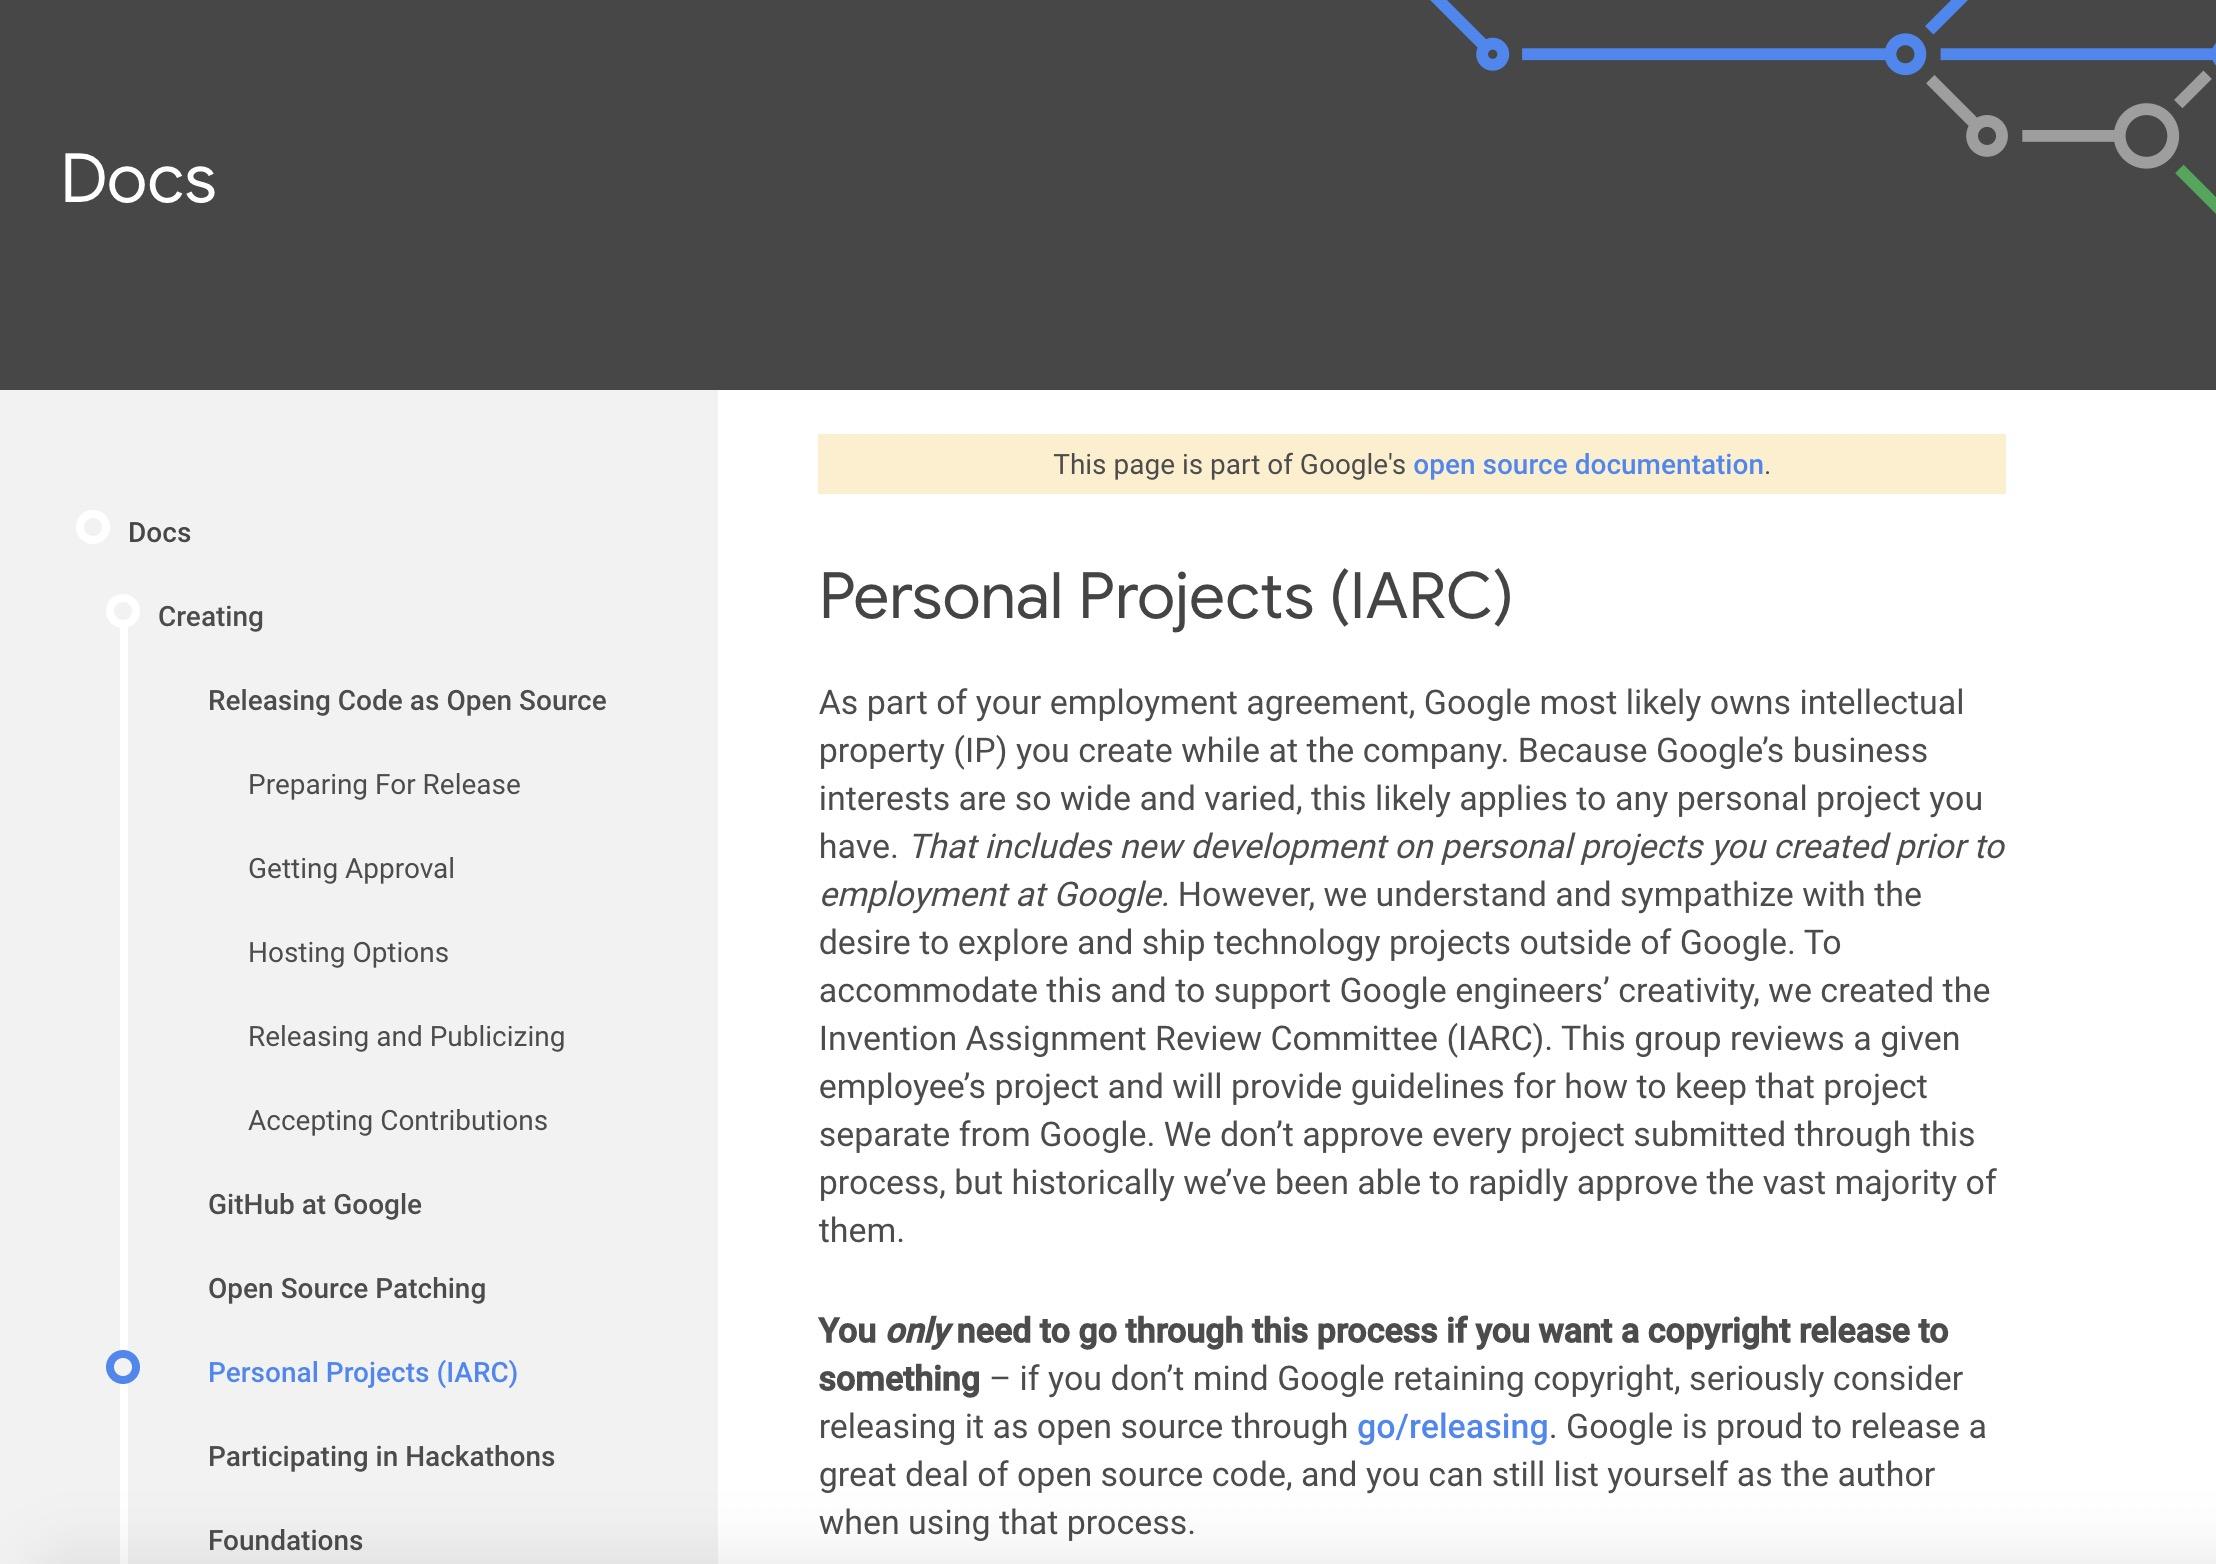 Nginx 之父被抓后,谷歌允许开发者上报个人项目,界定版权所属